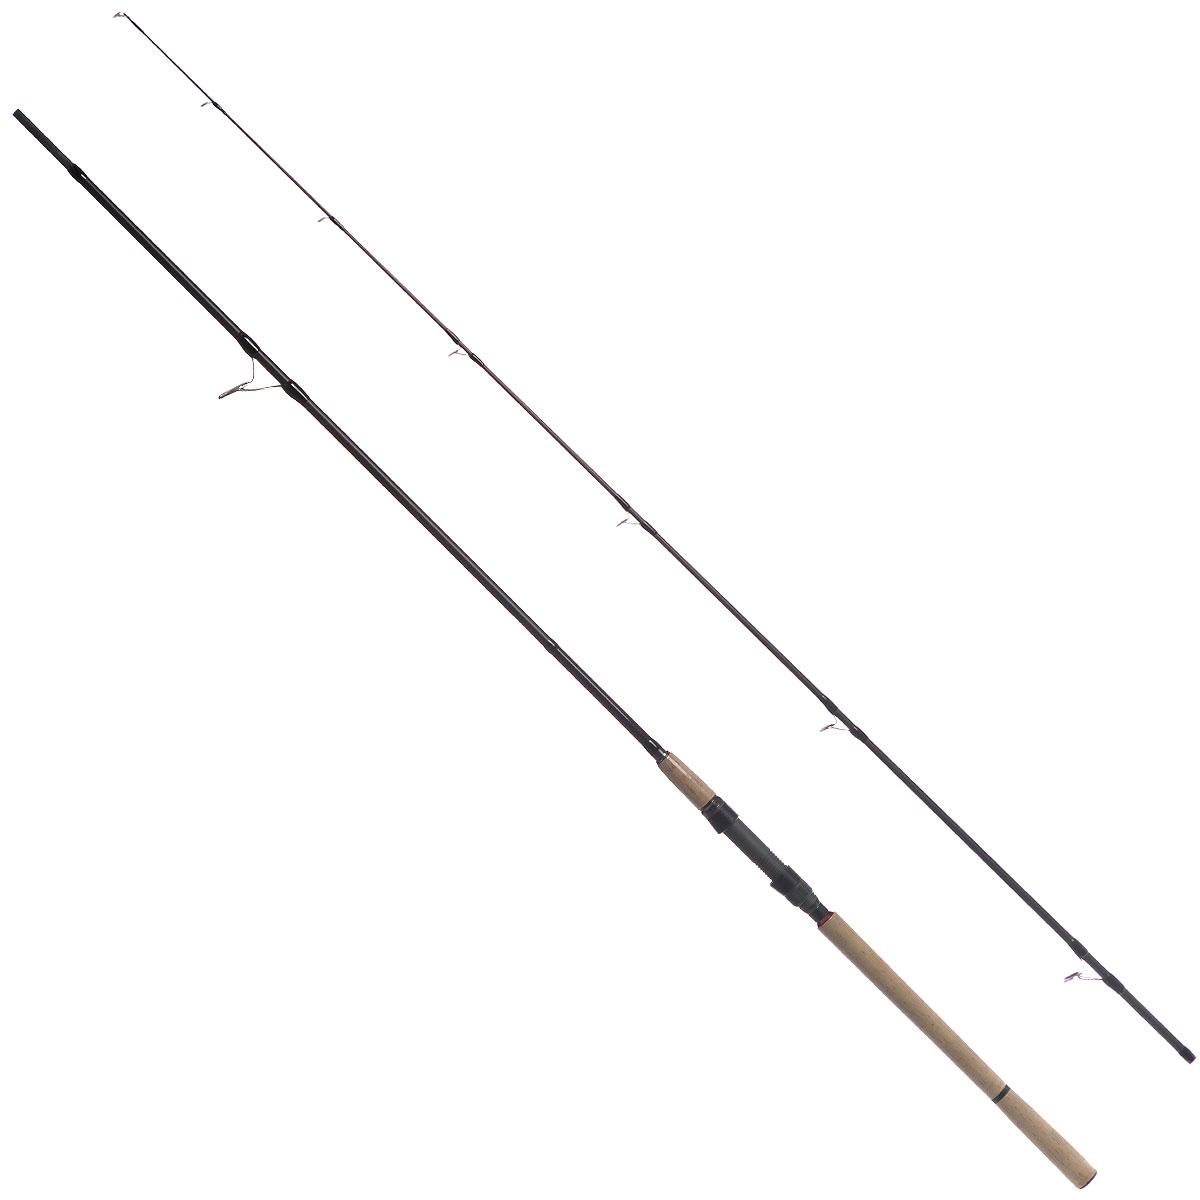 Спиннинг штекерный Daiwa Infinity-Q NEW Spinning, 2,70 м, 15-45 гeTrex20xШтекерный спиннинг Daiwa Infinity-Q NEW Spinning отличается новой длиной и тестом, обновленной конструкцией бланка. Несмотря на легкий вес, спиннинг достаточно мощный для схватки с рыбой вашей мечты. Стык колен V-Joint не изменяет естественную геометрию бланка, спиннинг ведет себя как одночастный. Спиннинг Daiwa Infinity-Q NEW Spinning значительно легче своих предшественников, а также отличается более быстрым строем.Тест: 15-45 г.